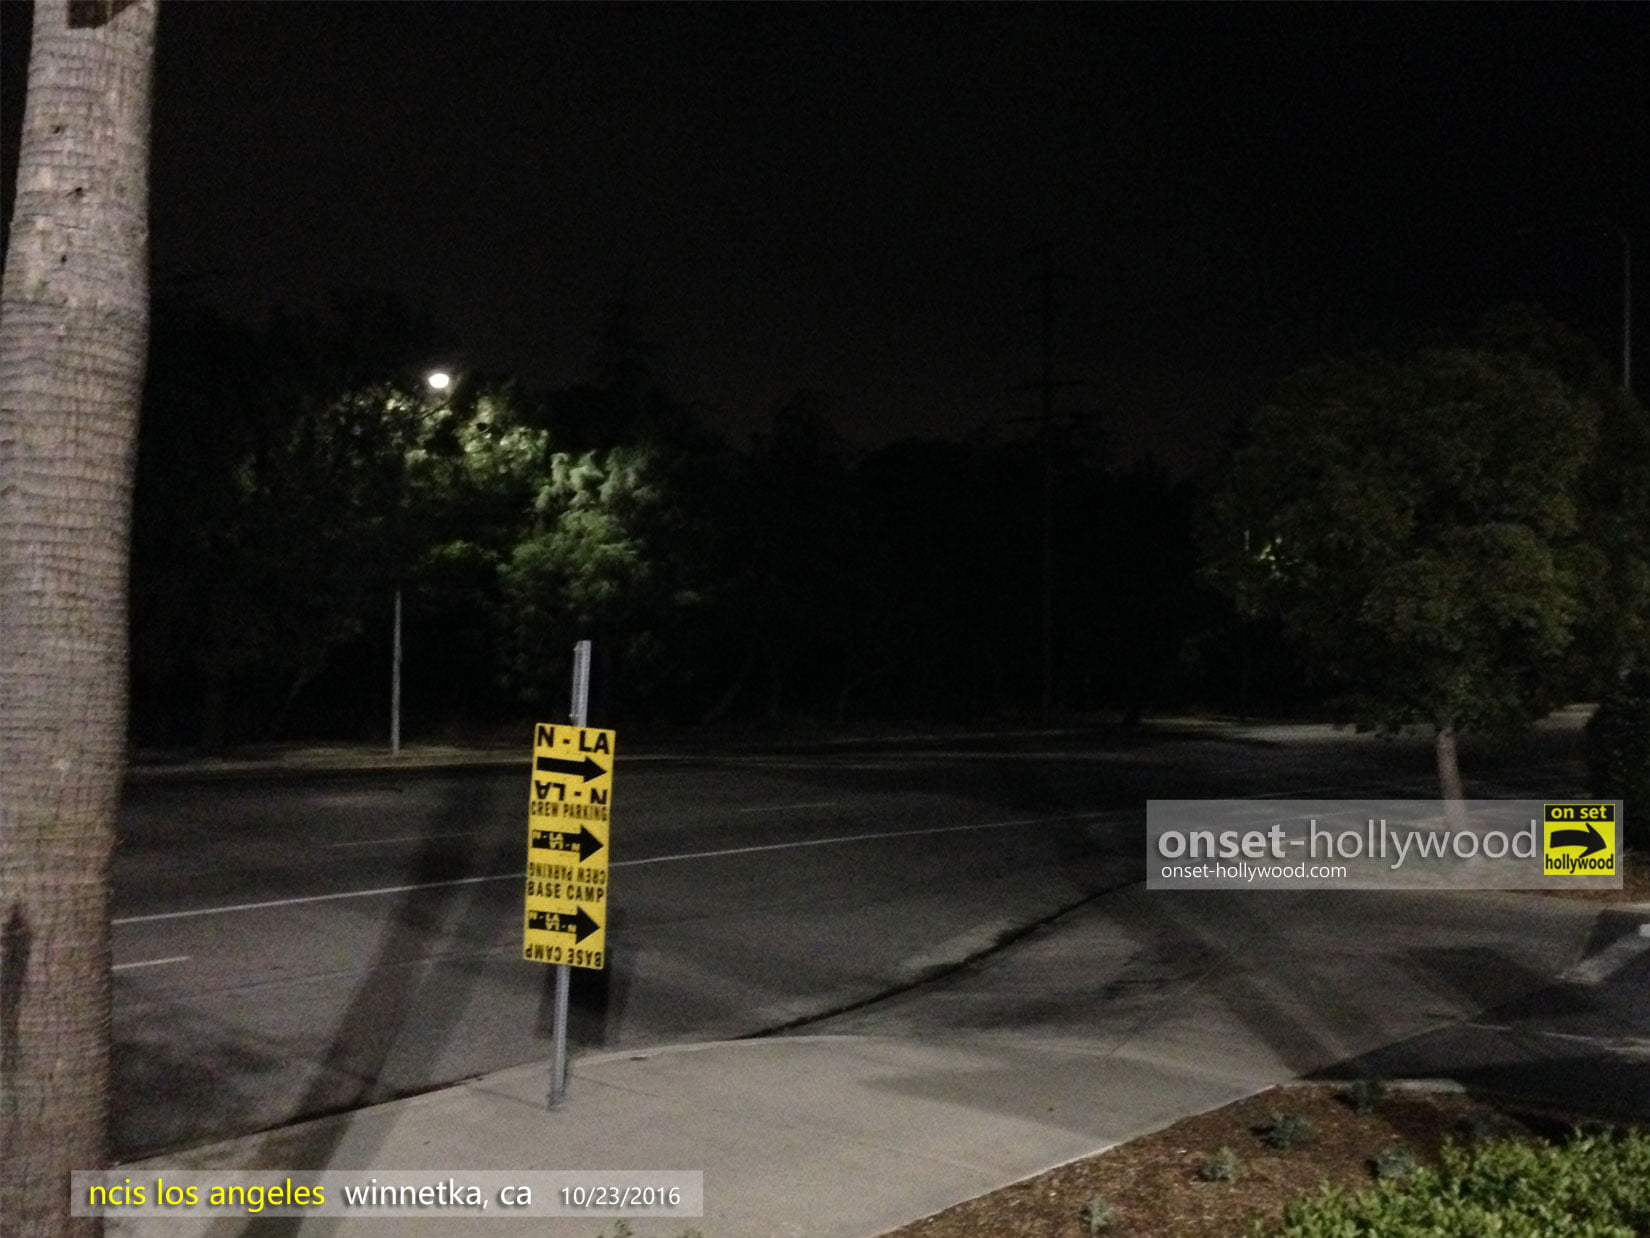 ncis-los-angeles-filming-locations-season-8-winnetka-pic1